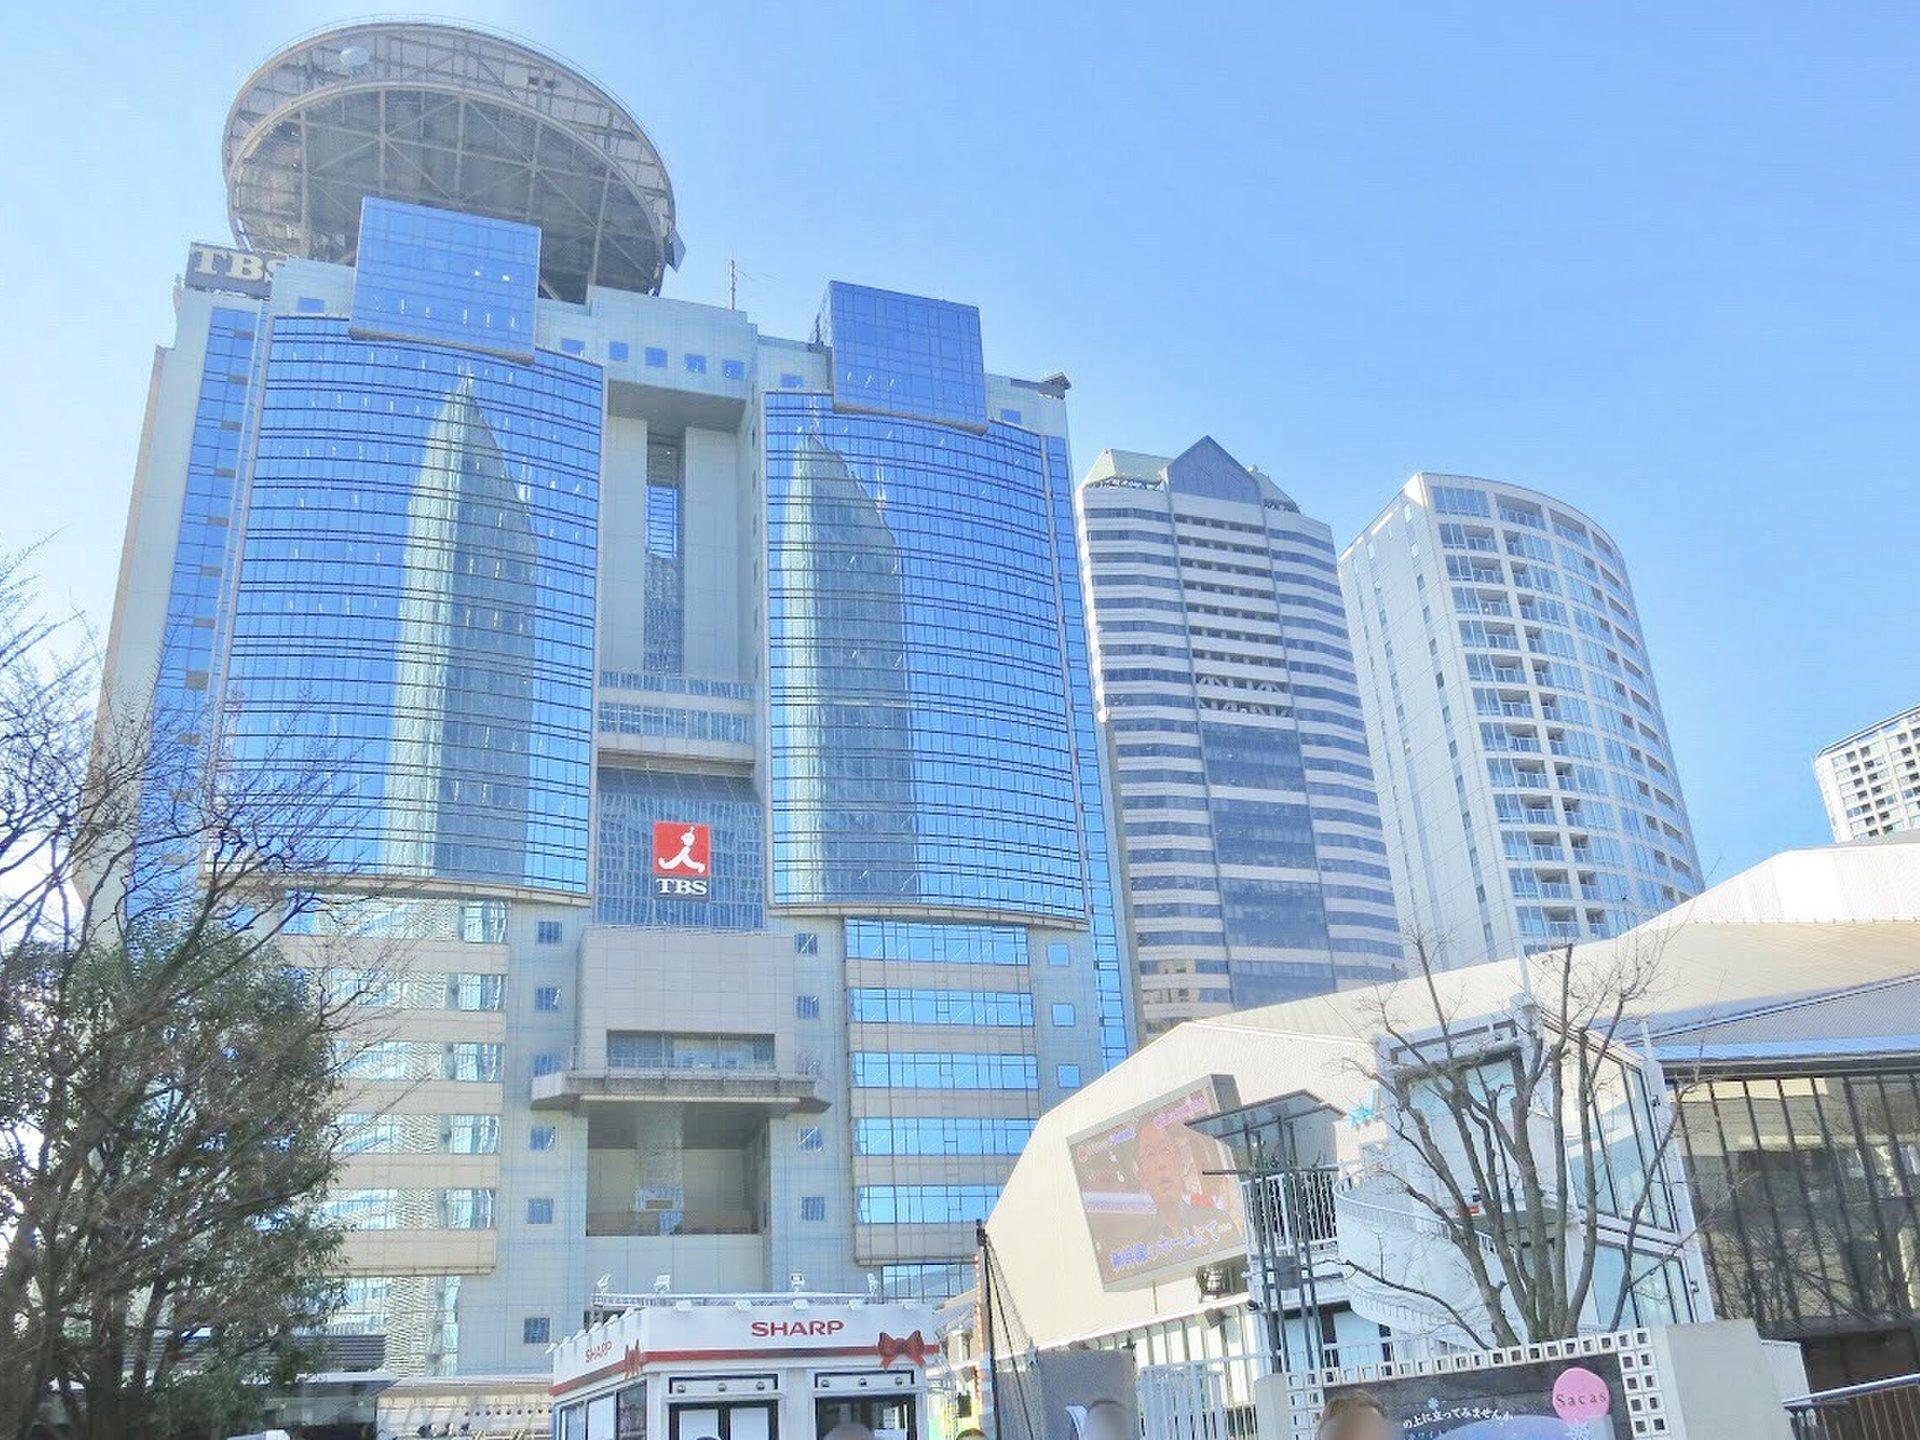 外国人や子供も楽しめる!赤坂サカス・赤坂見附・溜池山王周辺の東京観光スポット14選